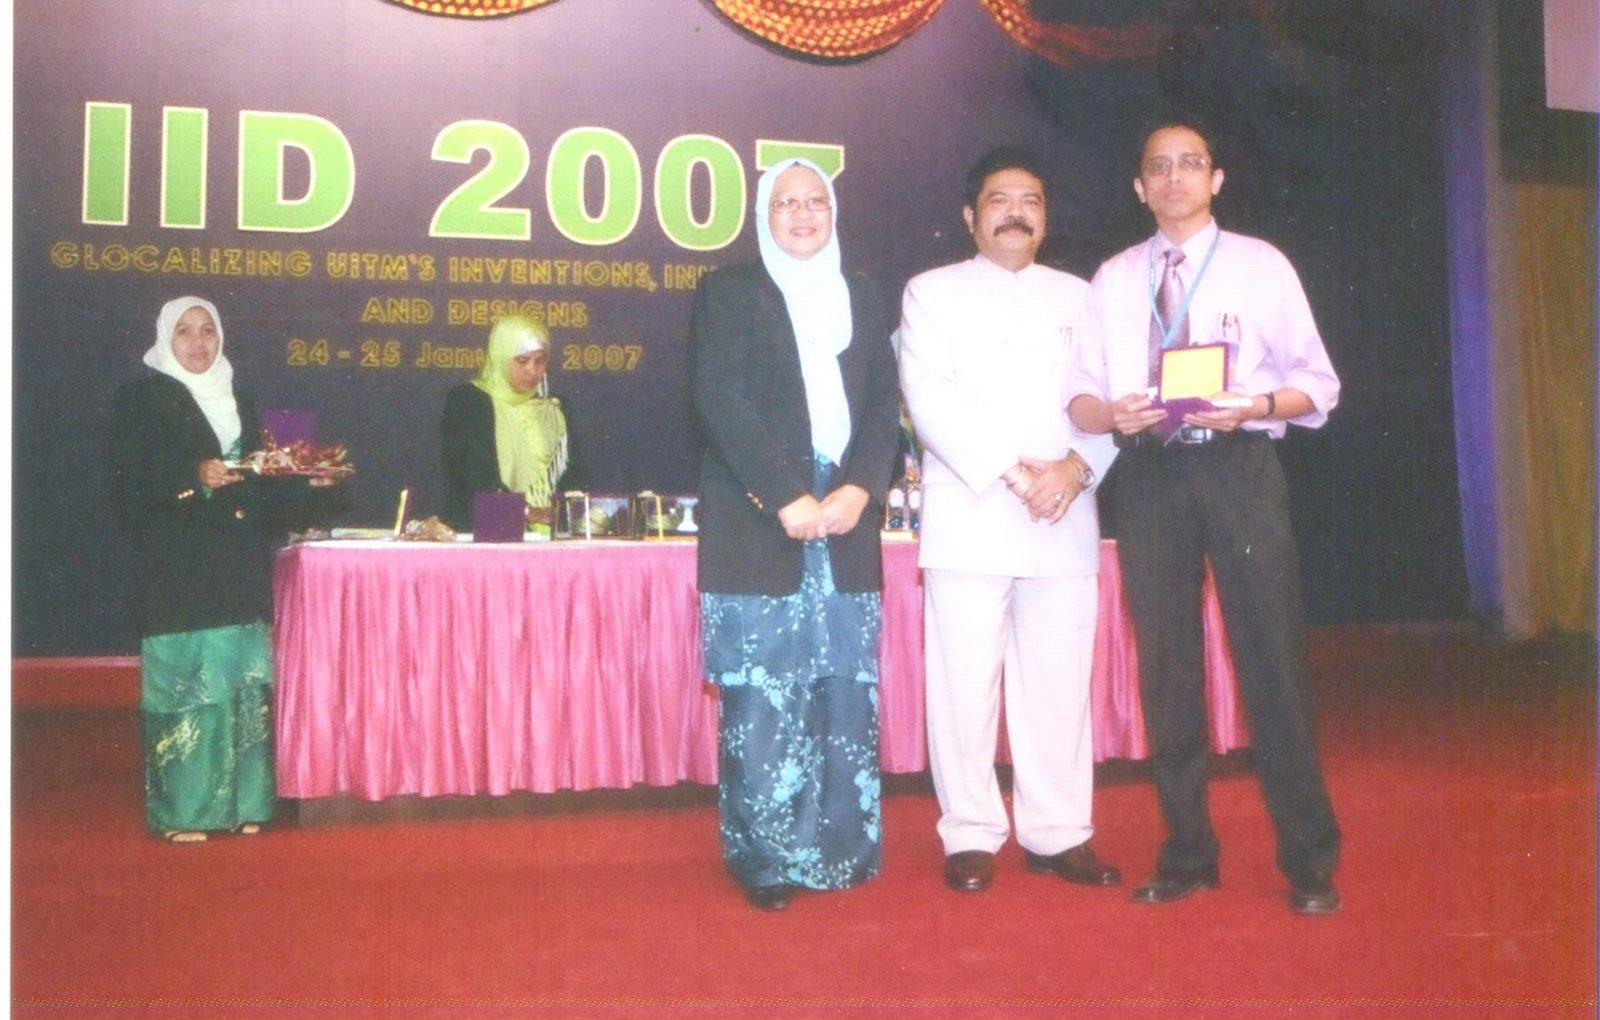 IID 2007